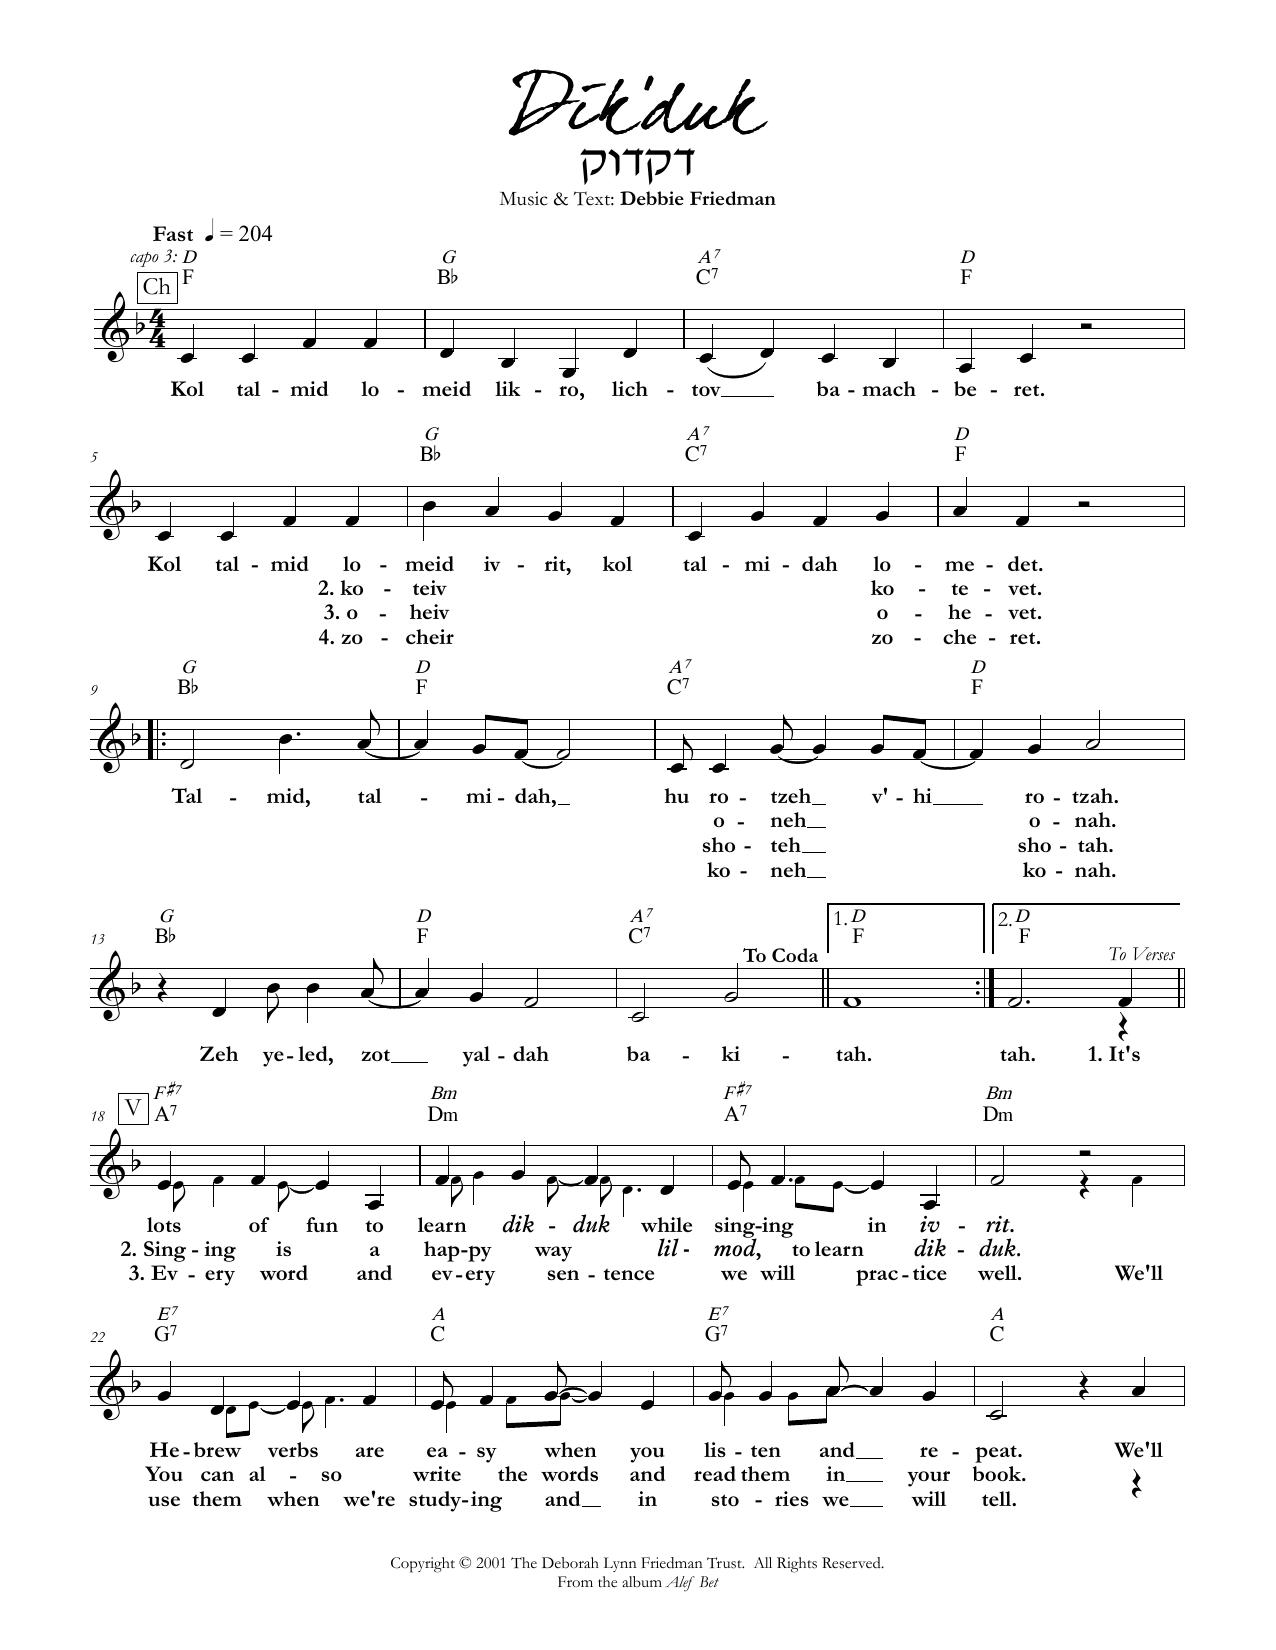 Dik'duk Sheet Music